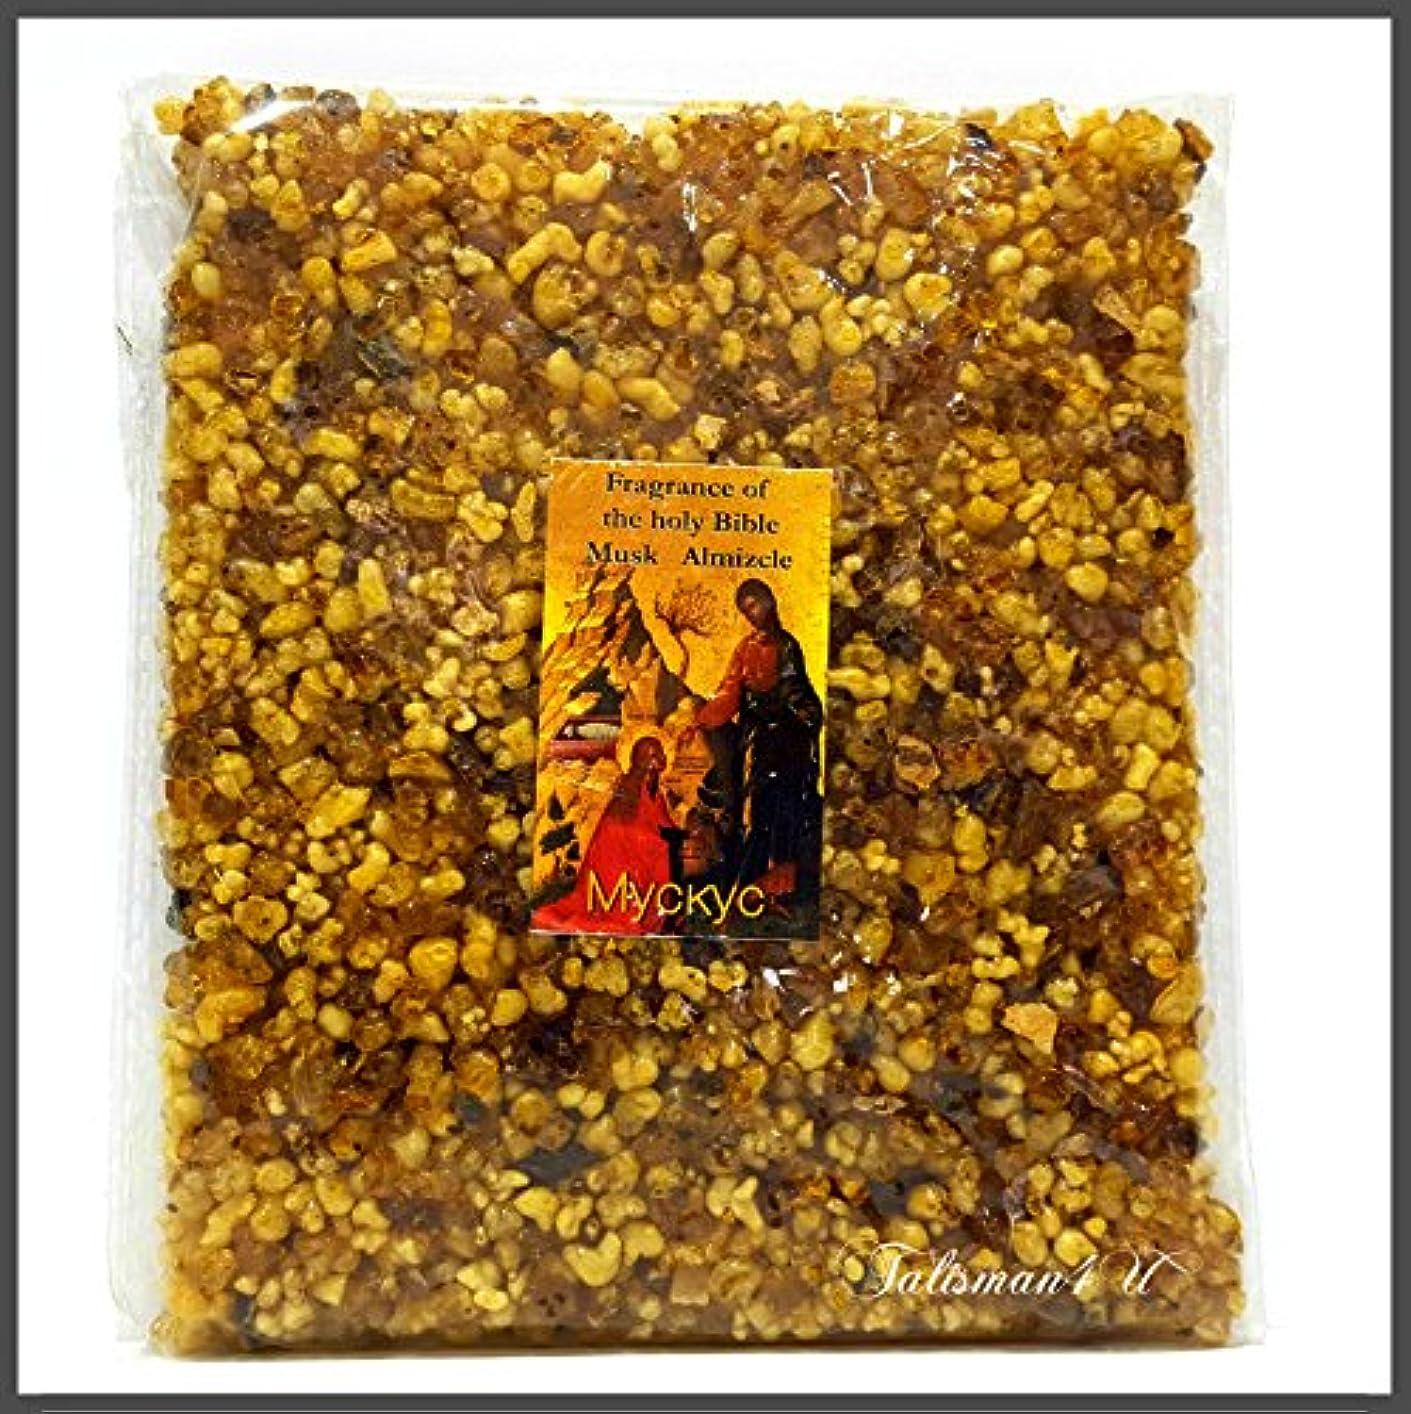 ペチュランス駅士気ムスクエルサレムIncense樹脂Aromatic Almizcle Frankincense of the Holy Land 3.5 Oz/100 g